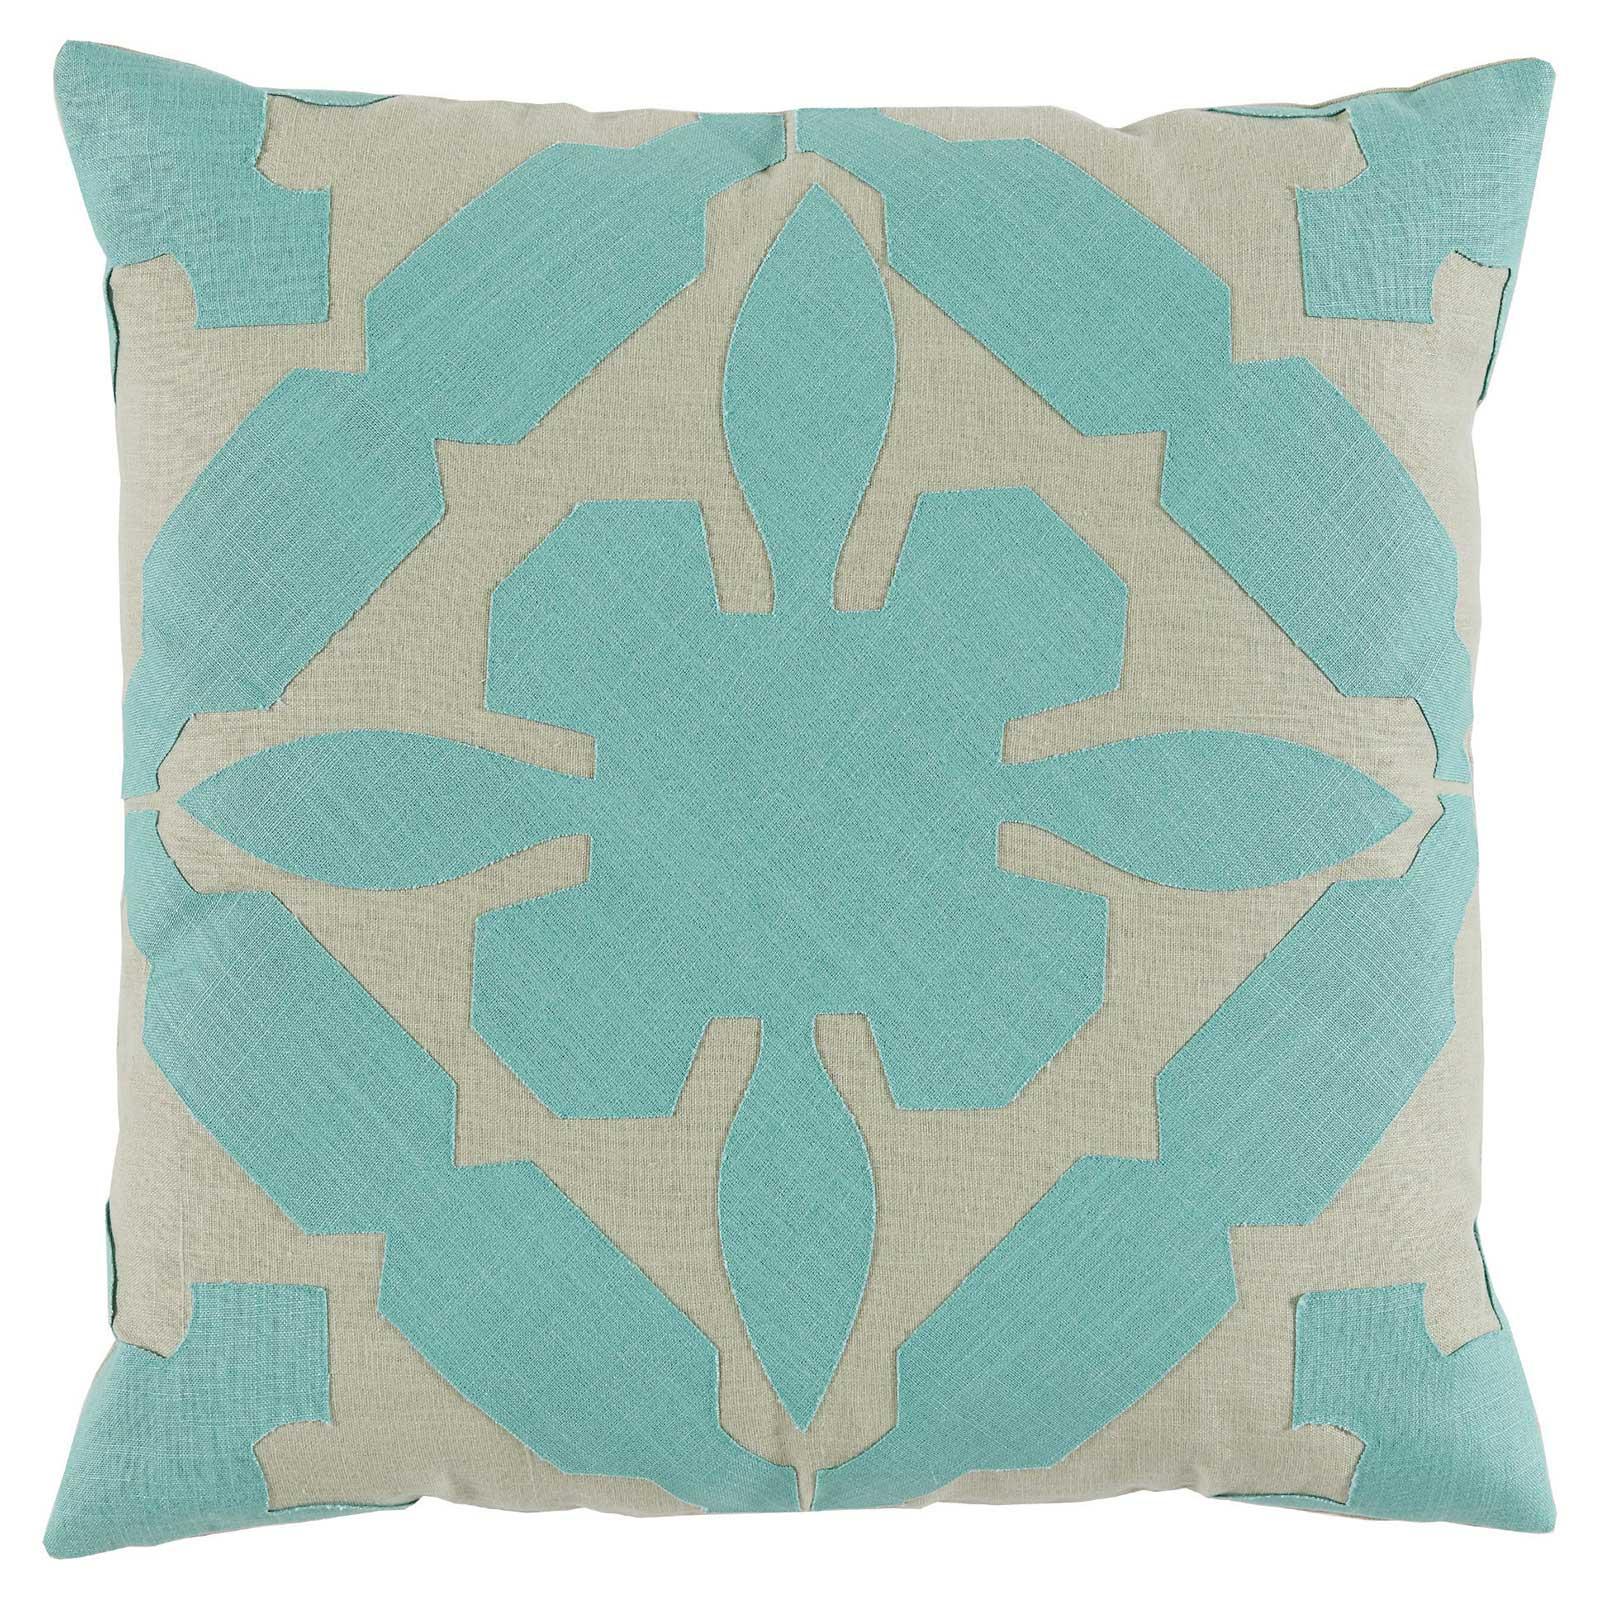 Pasha Modern Applique Seafoam Linen Beige Pillow - 22x22